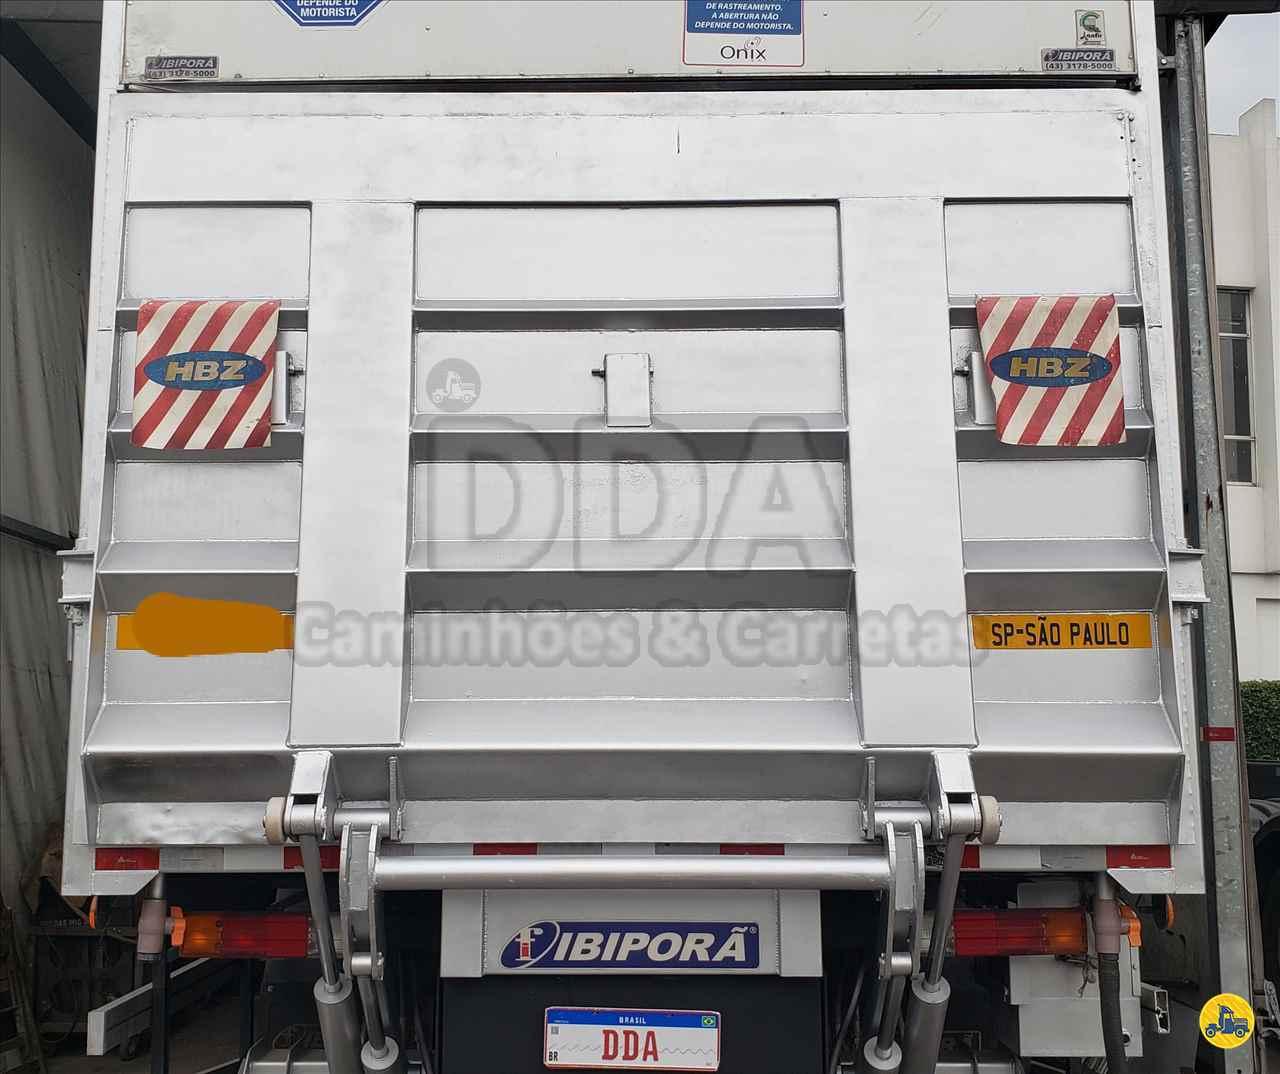 PLATAFORMA ELEVATÓRIA MARKSELL  PLATAFORMA ELEVATÓRIA DDA Caminhões e Carretas GUARULHOS SÃO PAULO SP